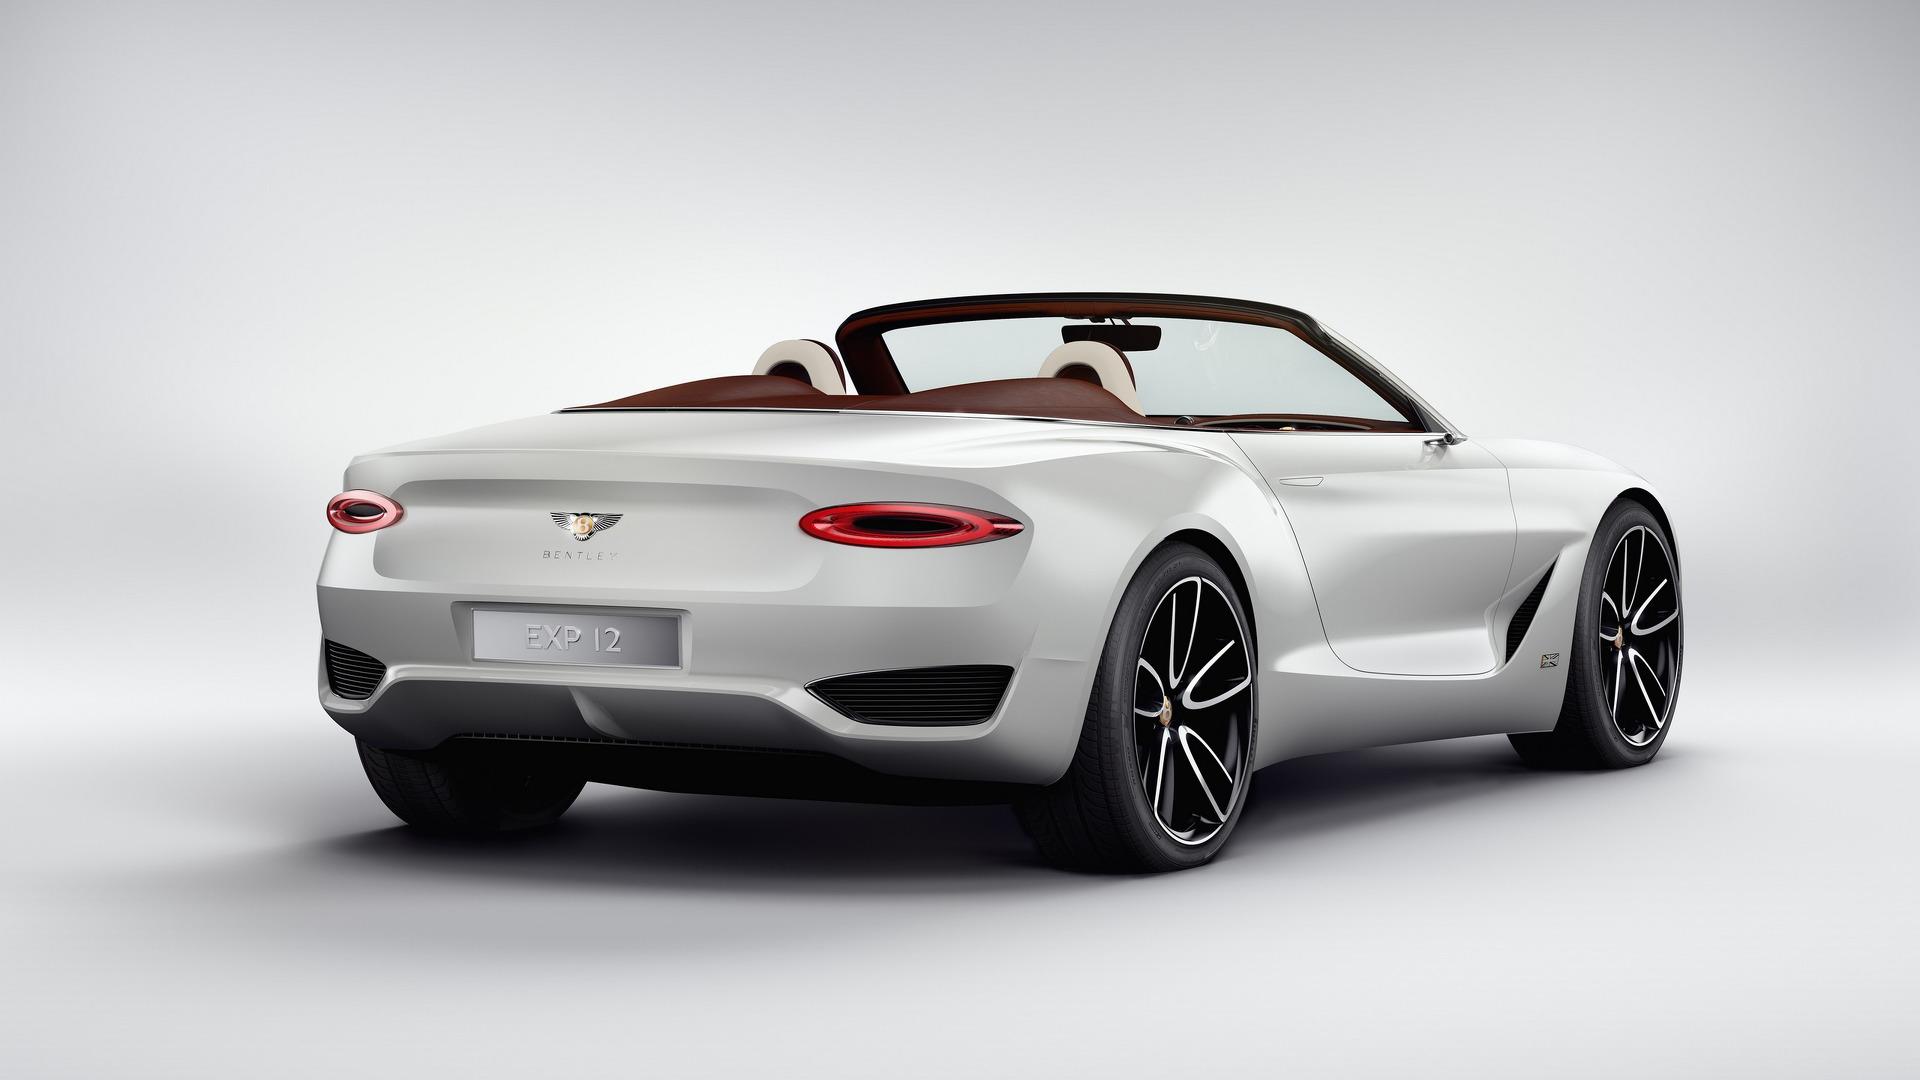 Электромобили Bentley не появятся, пока не улучшатся аккумуляторы 2